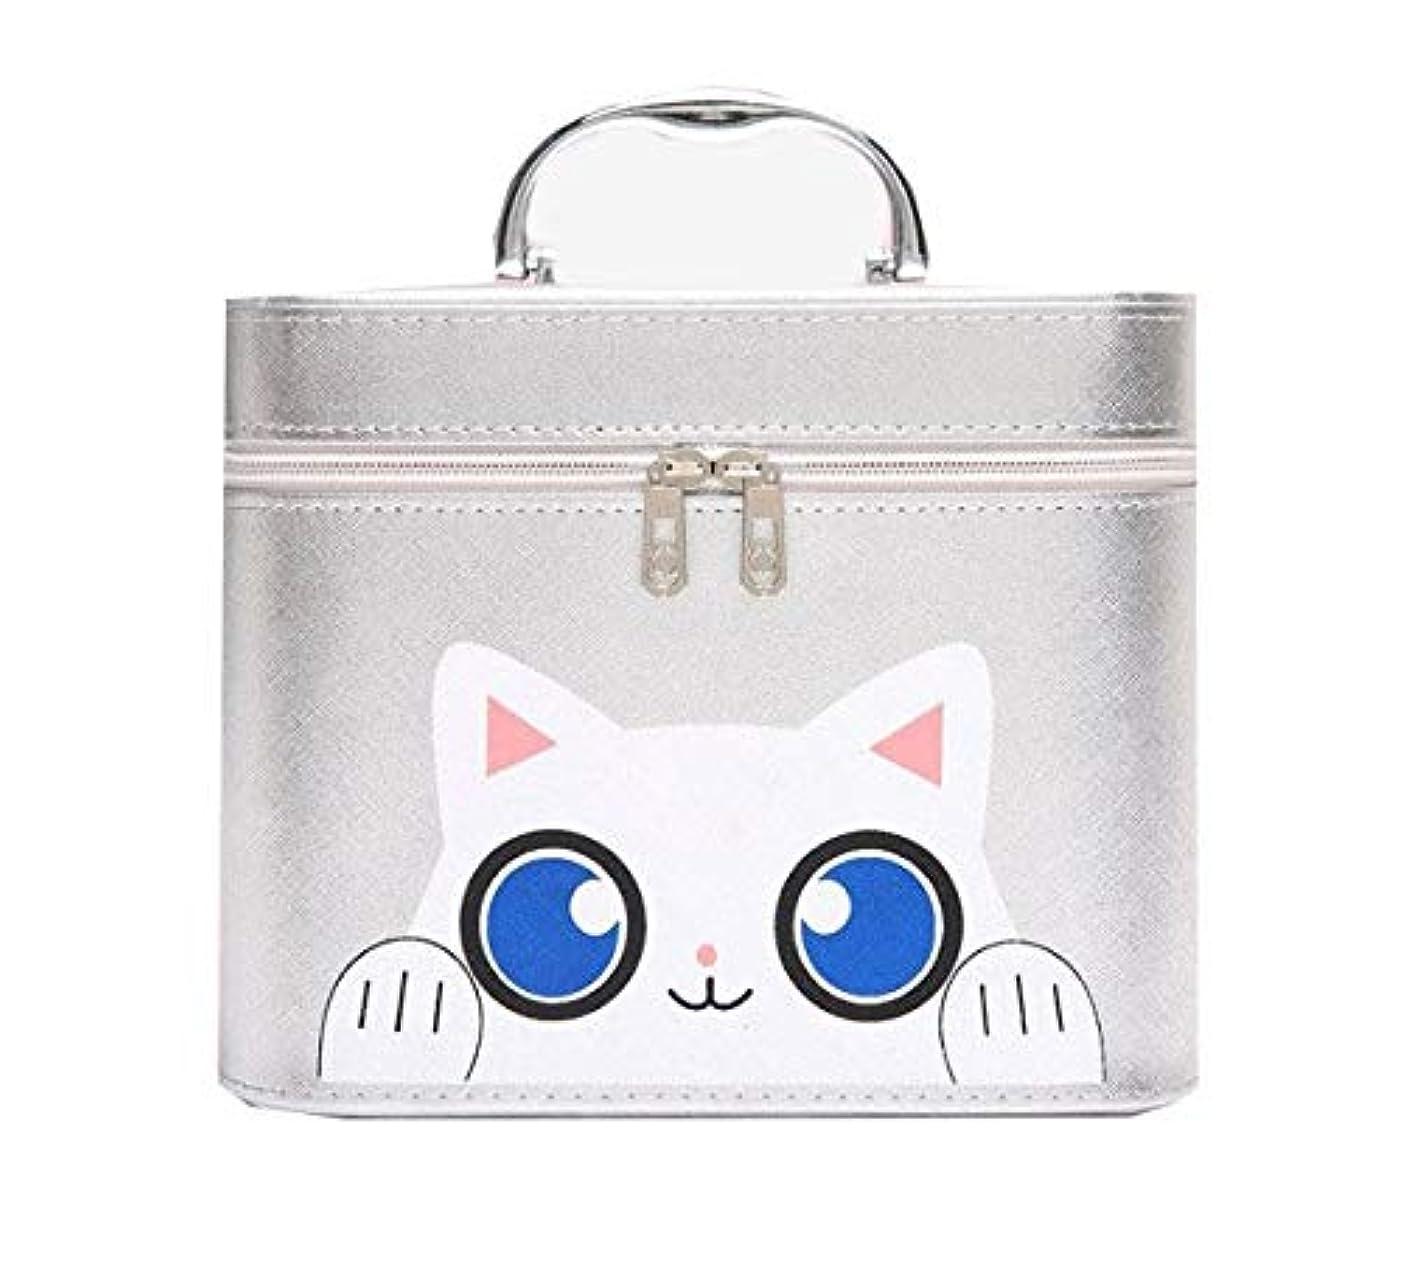 アストロラーベ表面サイレン化粧箱、シルバー漫画猫化粧品ケース、ポータブル旅行化粧品ケース、美容ネイルジュエリー収納ボックス (Size : L)